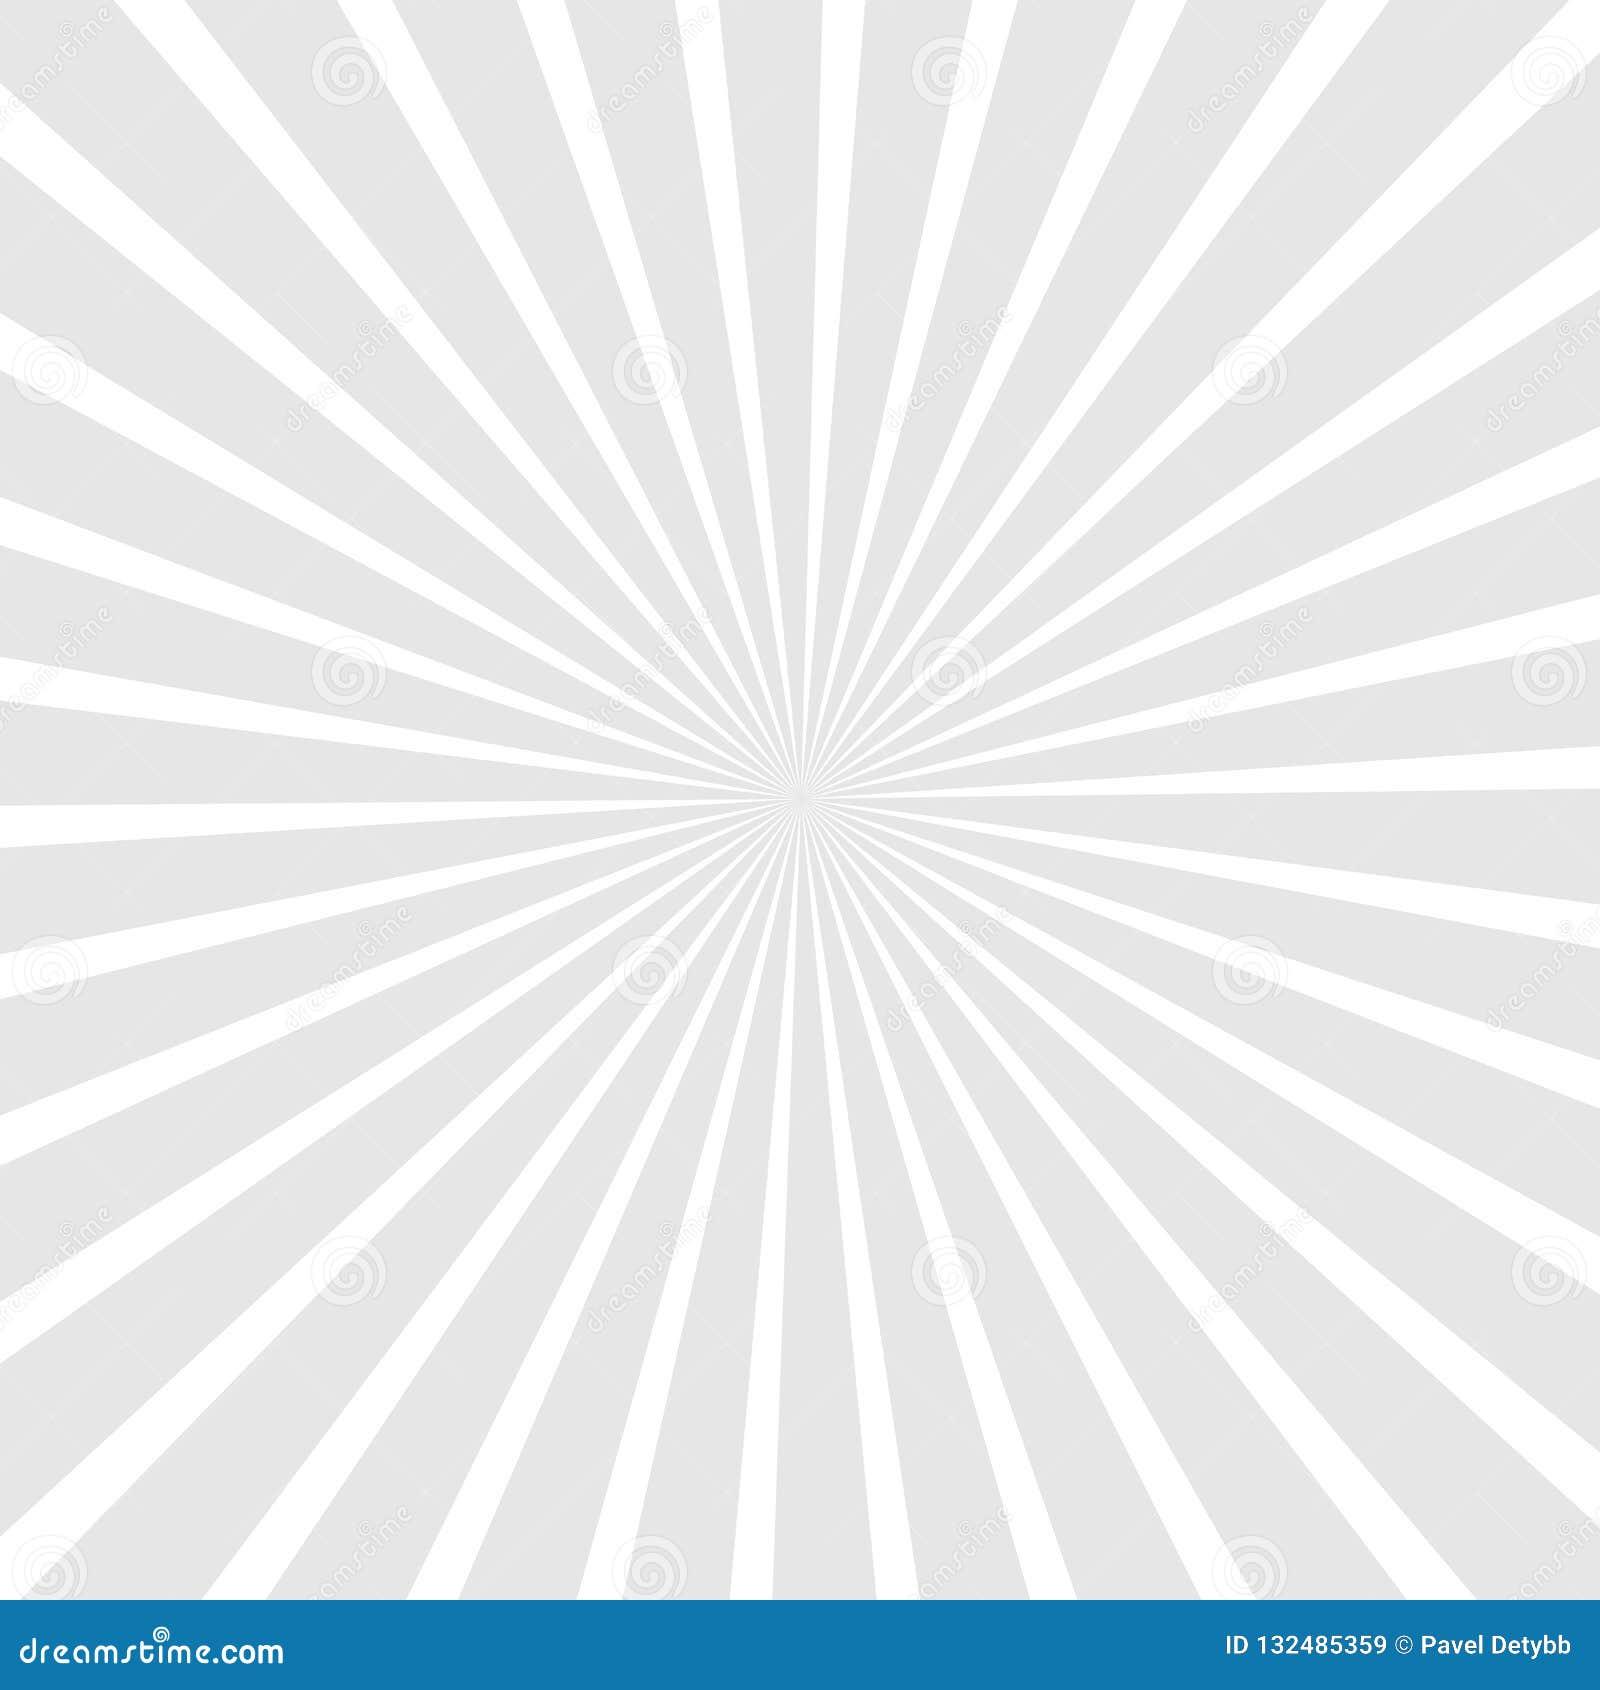 Rayon de soleil, fond de starburst, lignes convergentes Illustration de vecteur